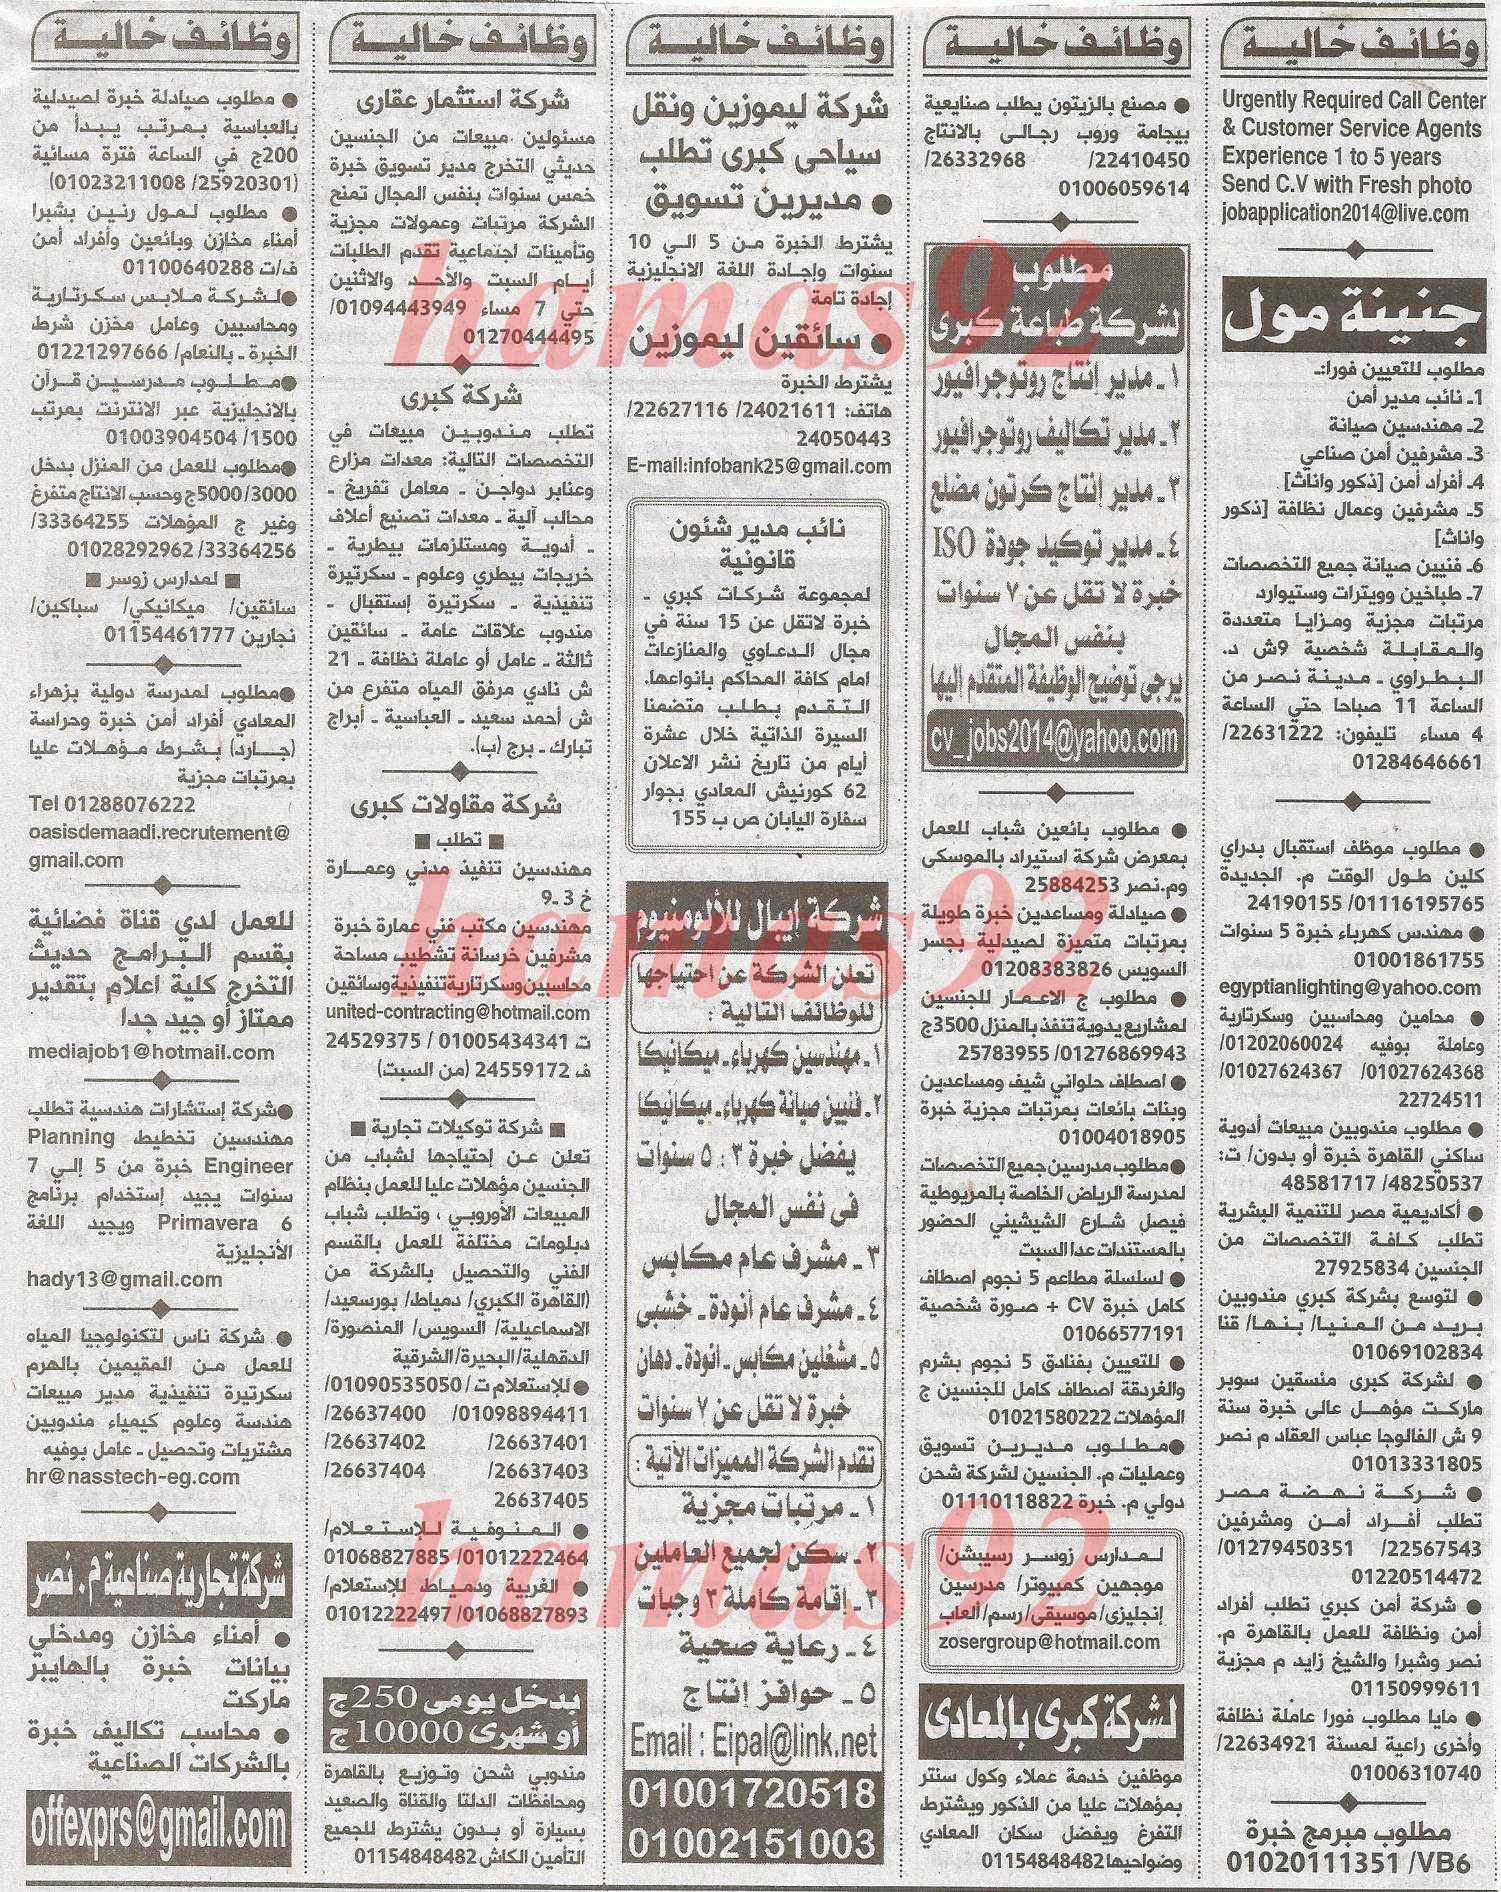 وظائف جريدة الاهرام اليوم السبت 8 -02-2014 , وظائف خالية من جريدة الاهرام 8 فبراير 2014